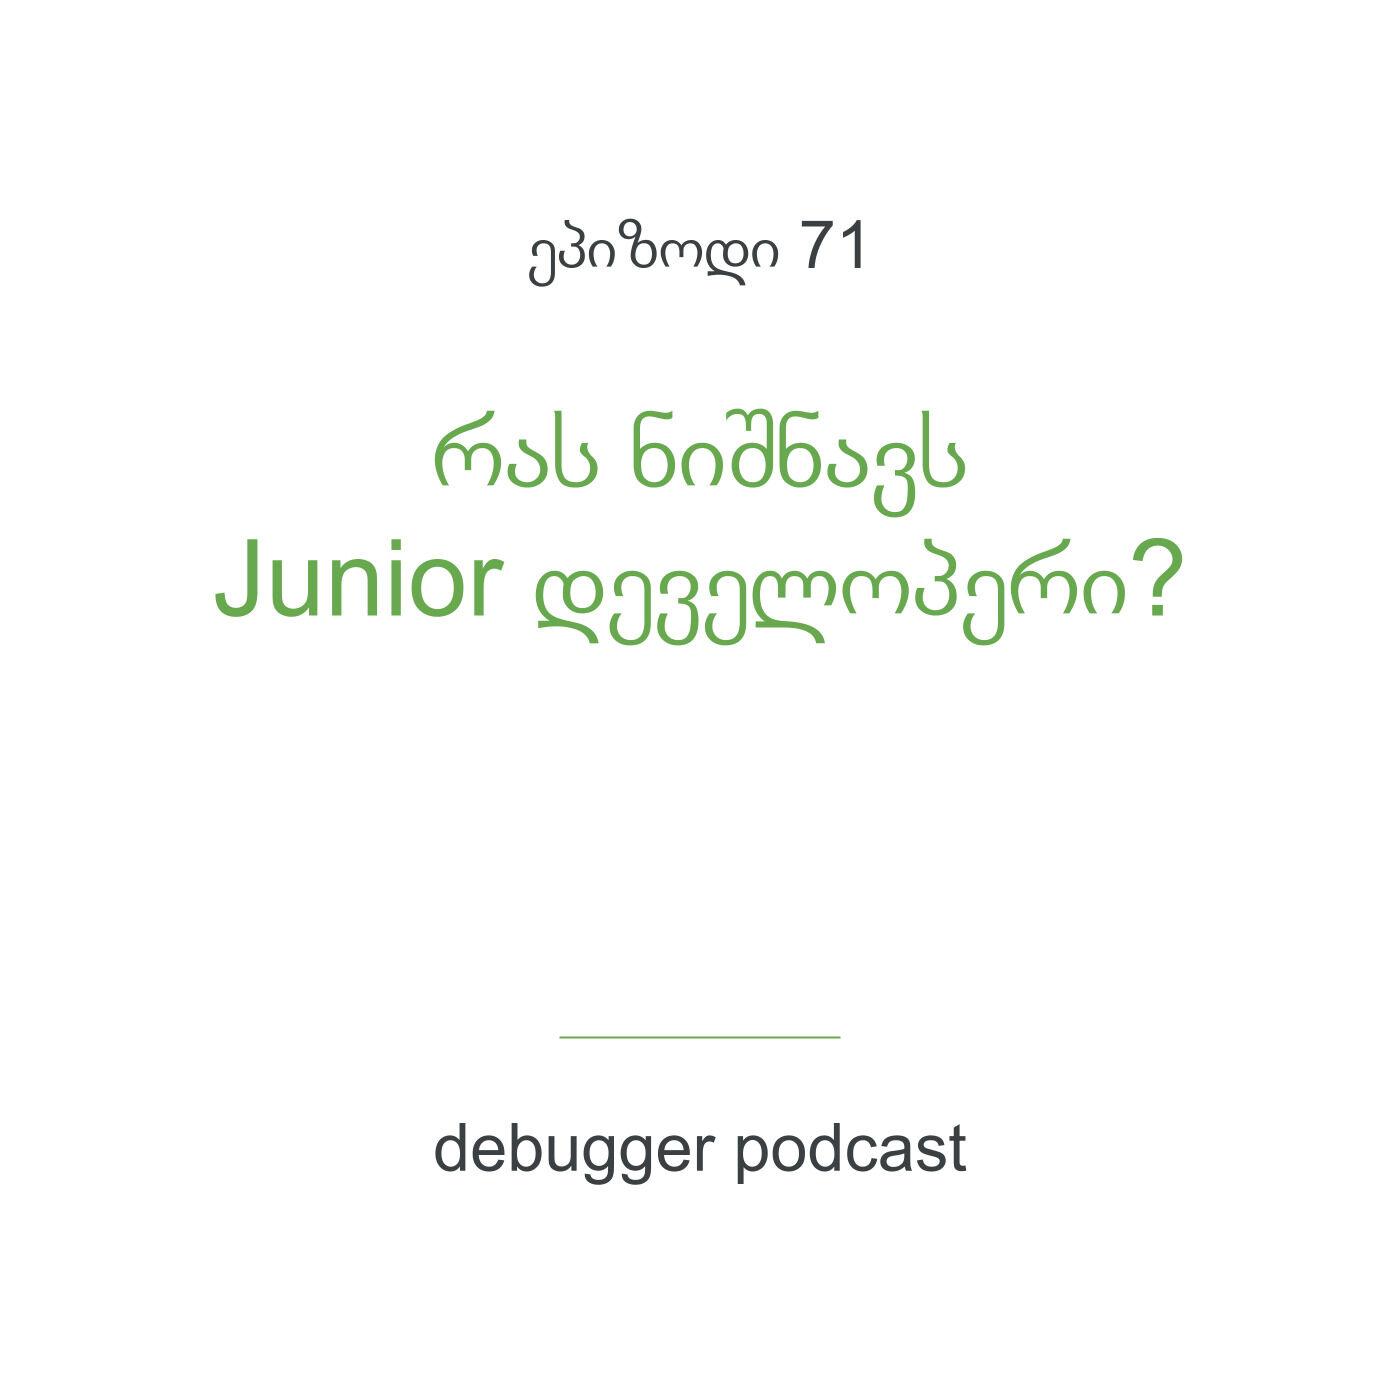 ეპ. 71 - რას ნიშნავს Junior დეველოპერი? (სერია განვსაზღვროთ დონეები)